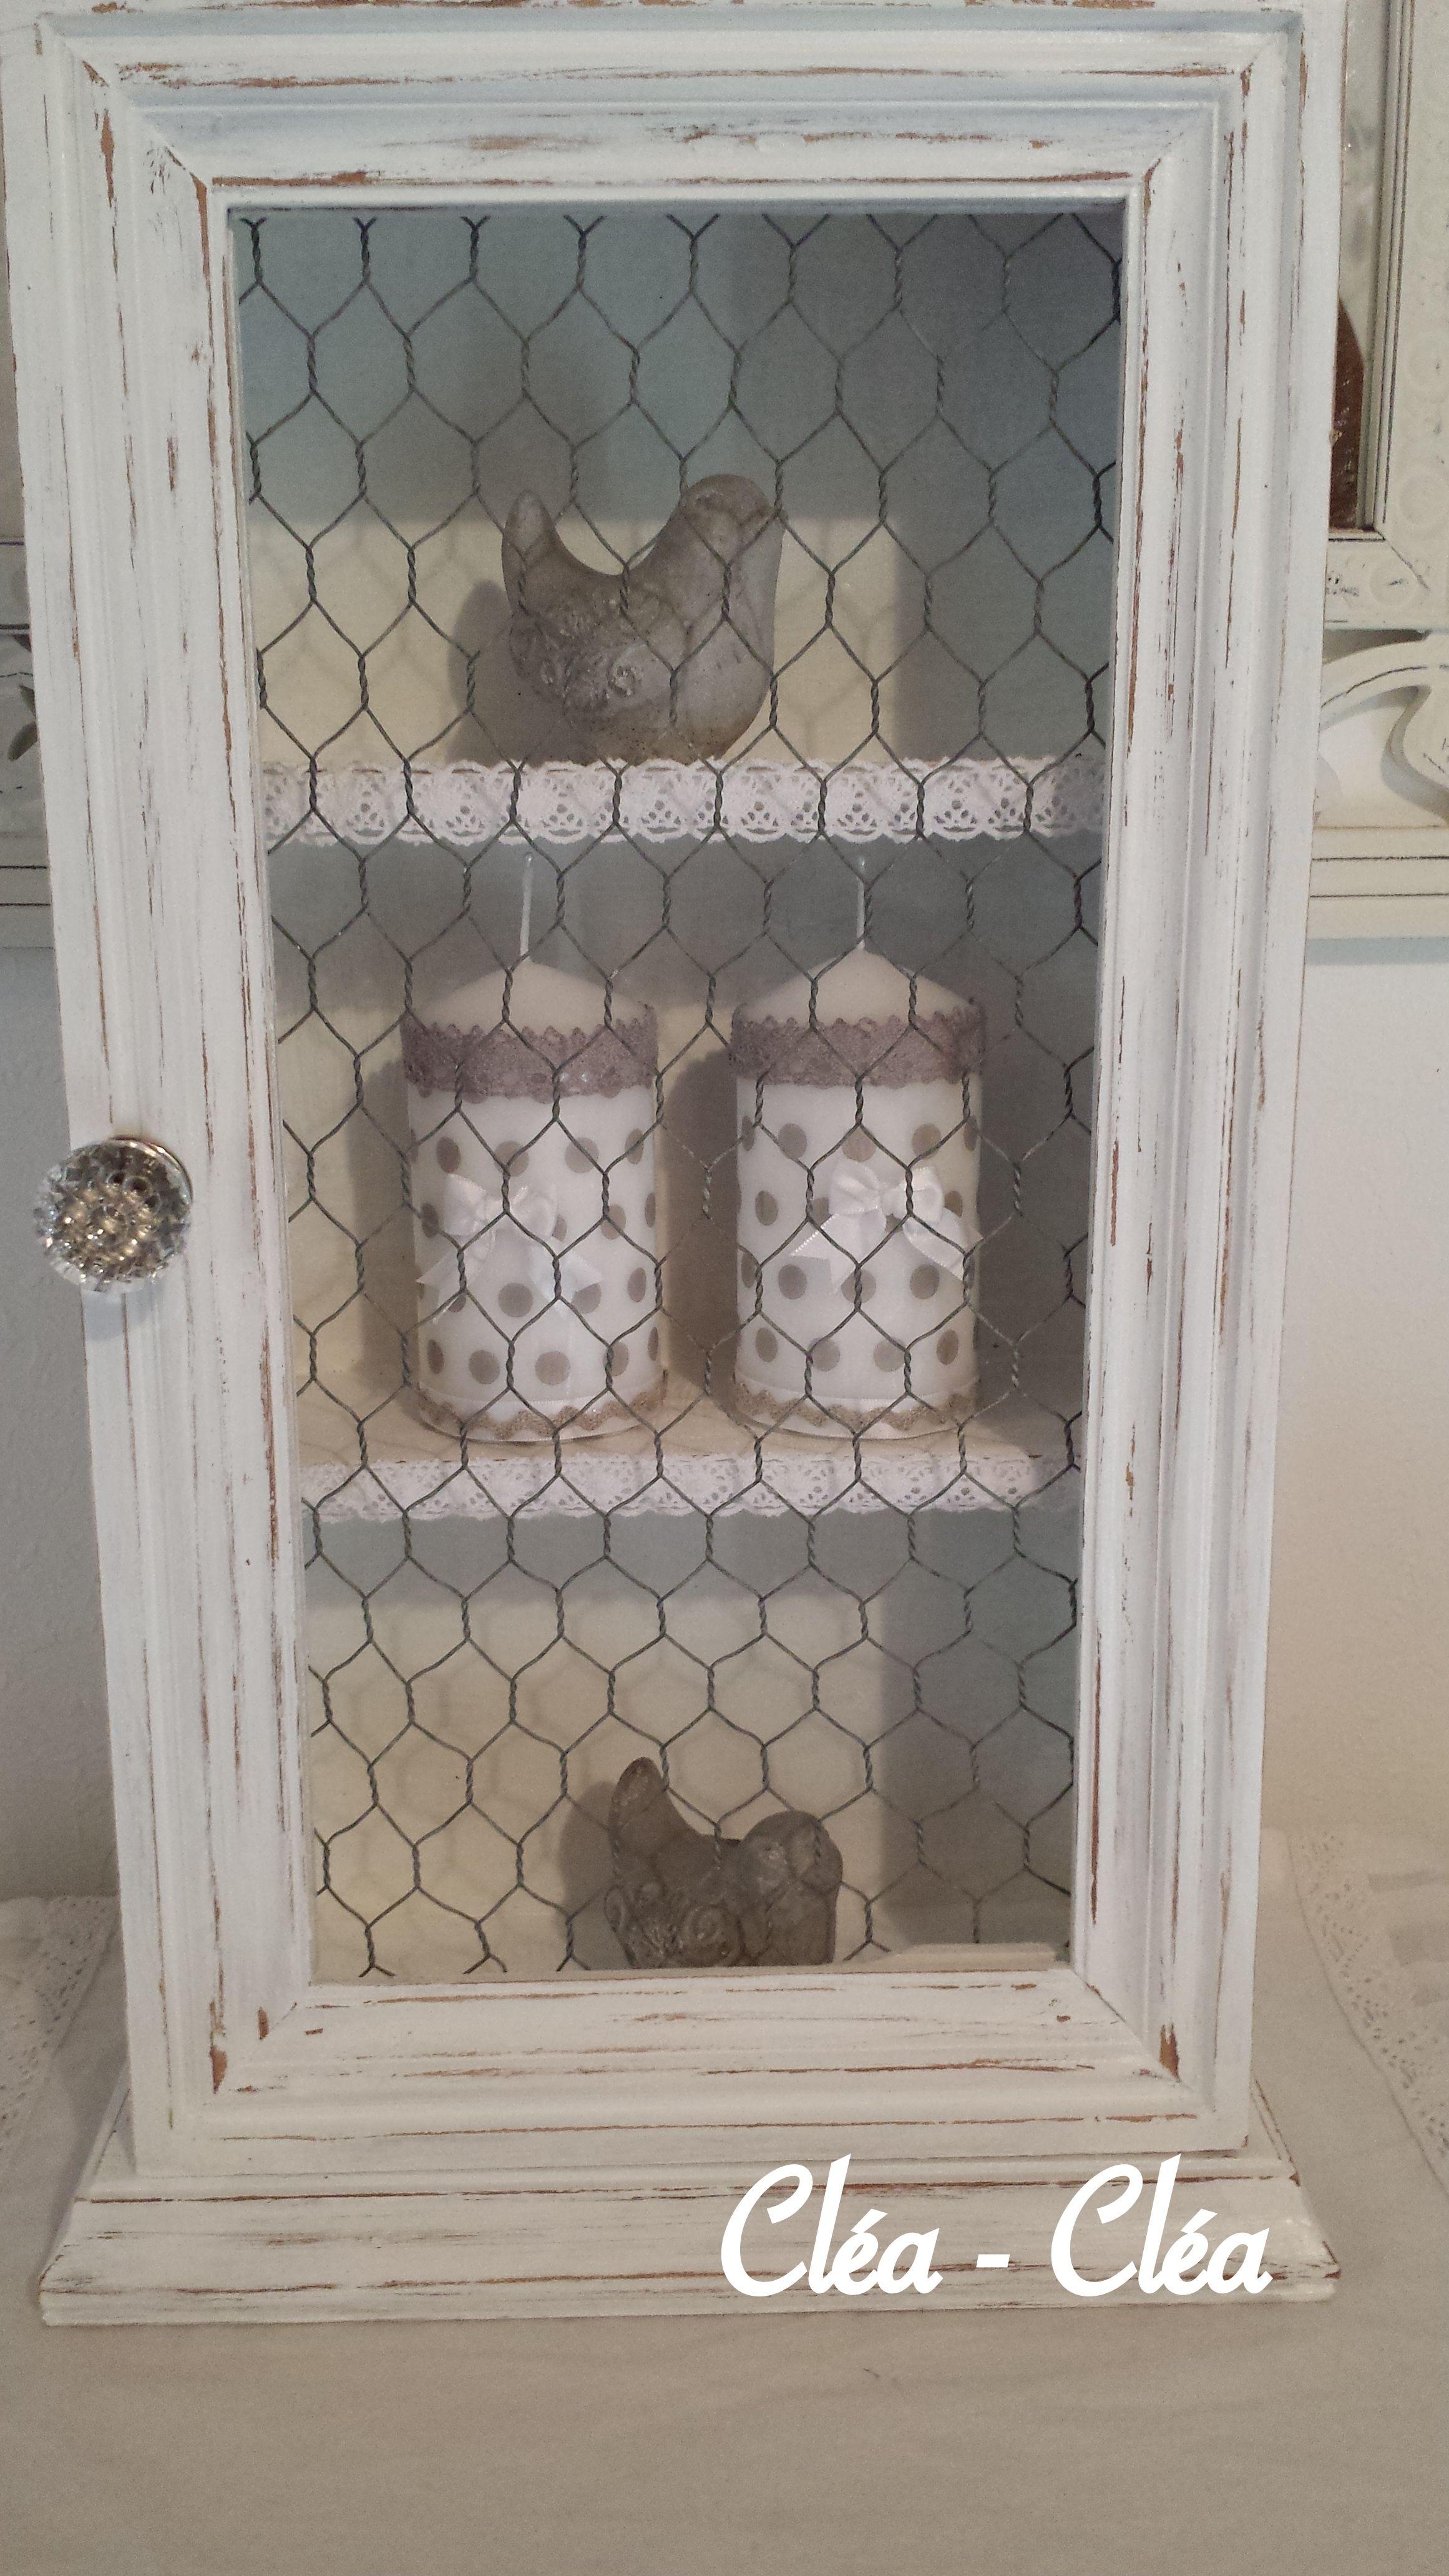 La vitre est remplac e par du grillage poule refaire un petit meuble pinterest - Armoire avec grillage poule ...